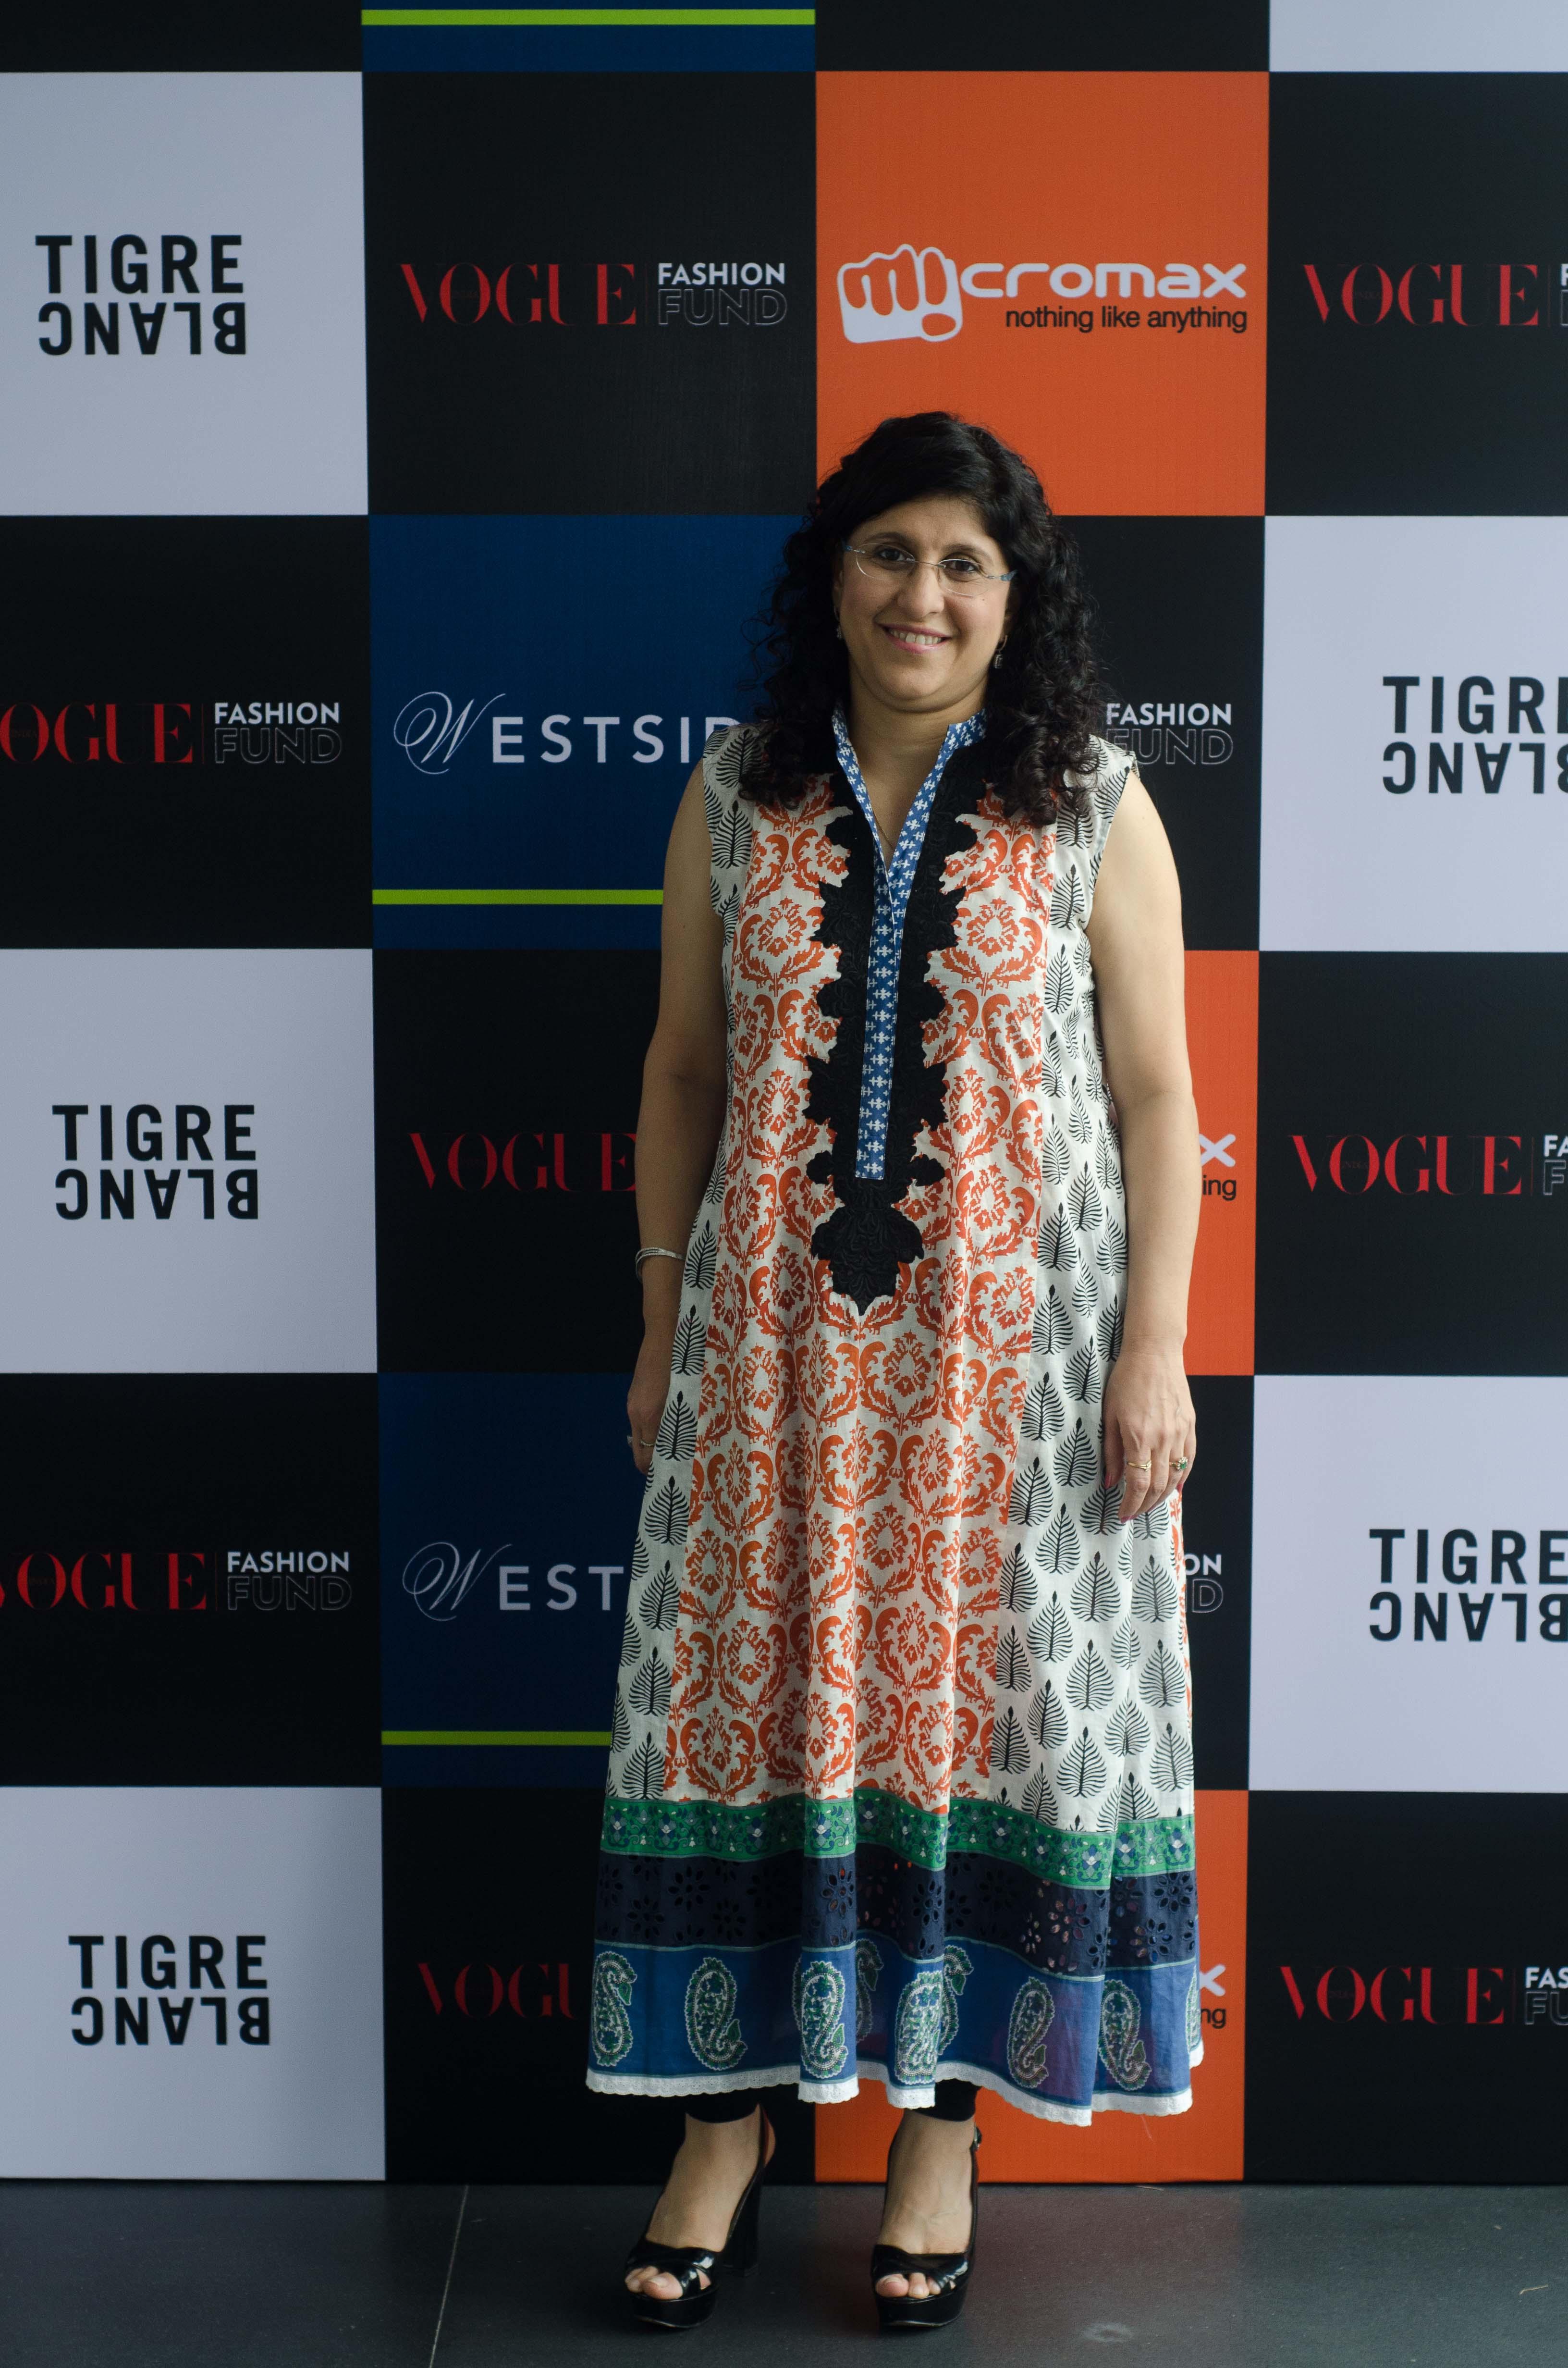 Oona Dhabhar, Marketing Director, Condé Nast India